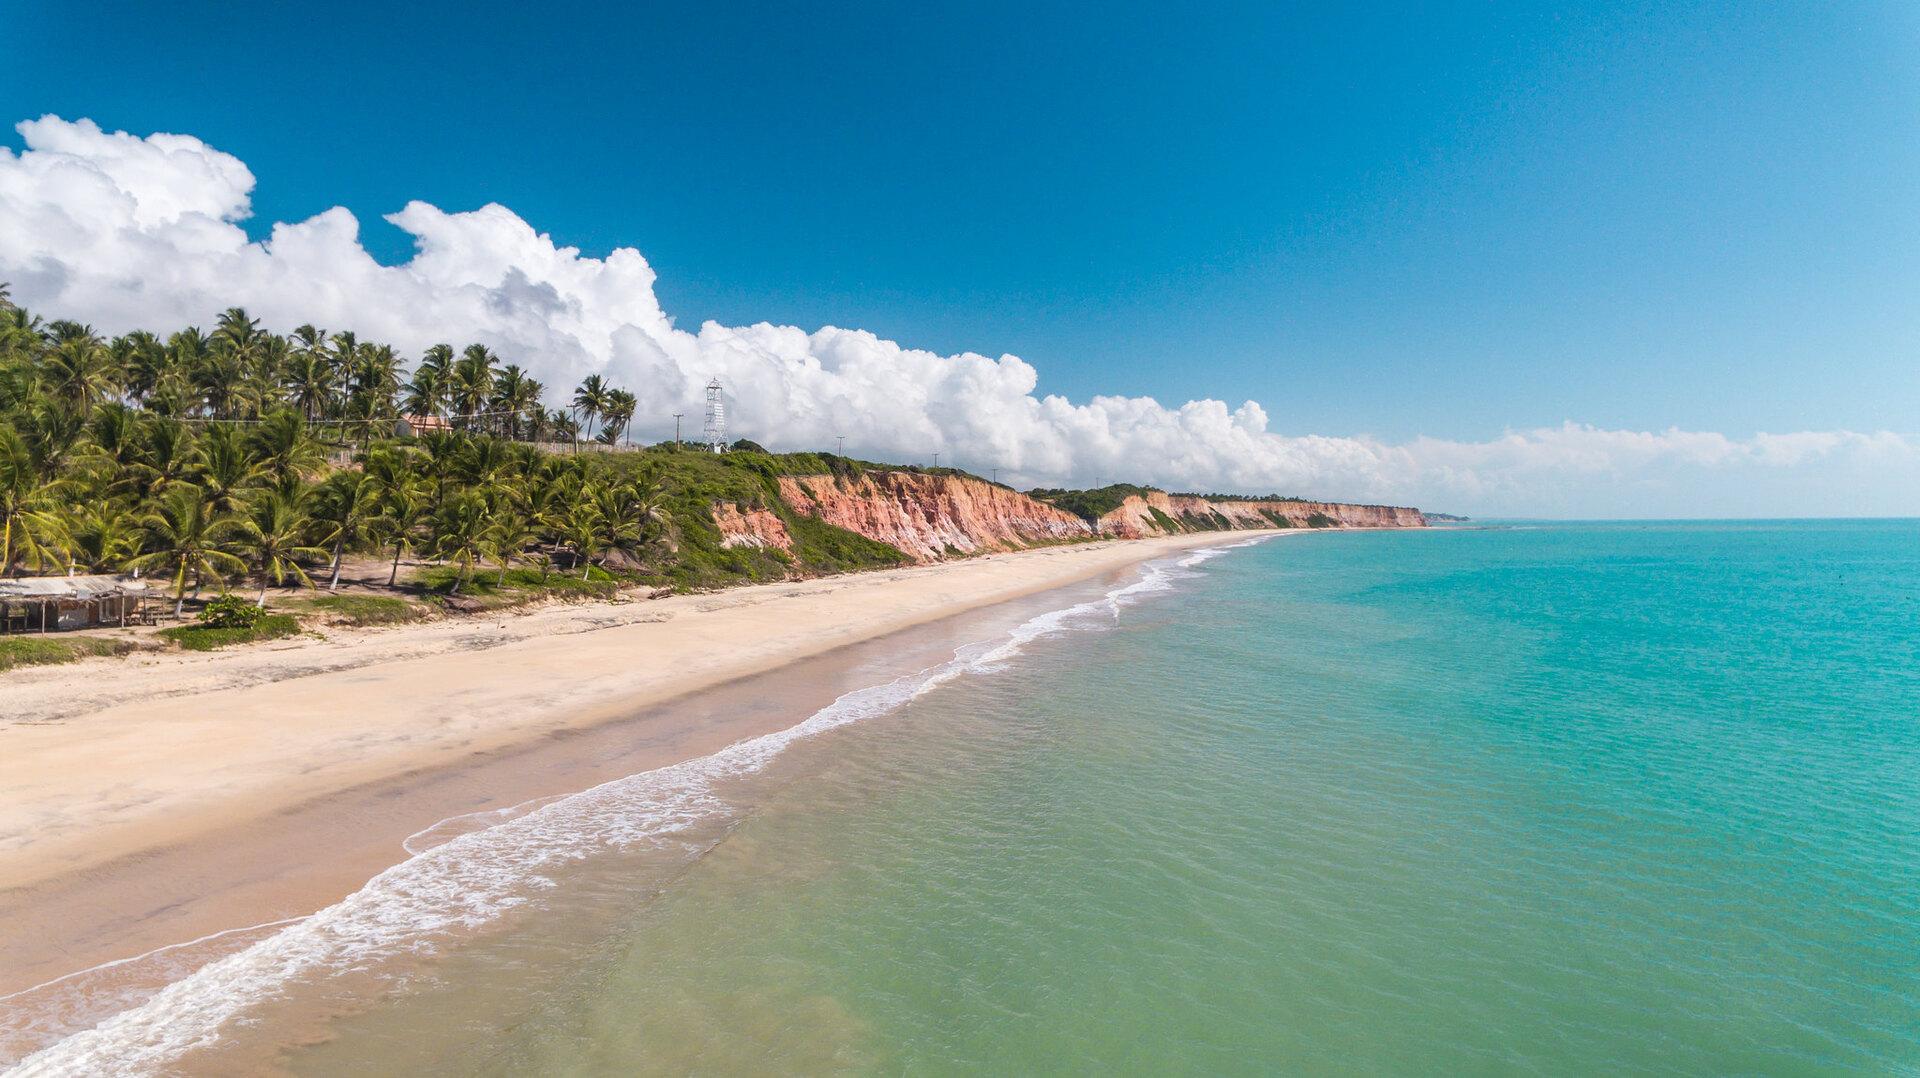 sul da Bahia